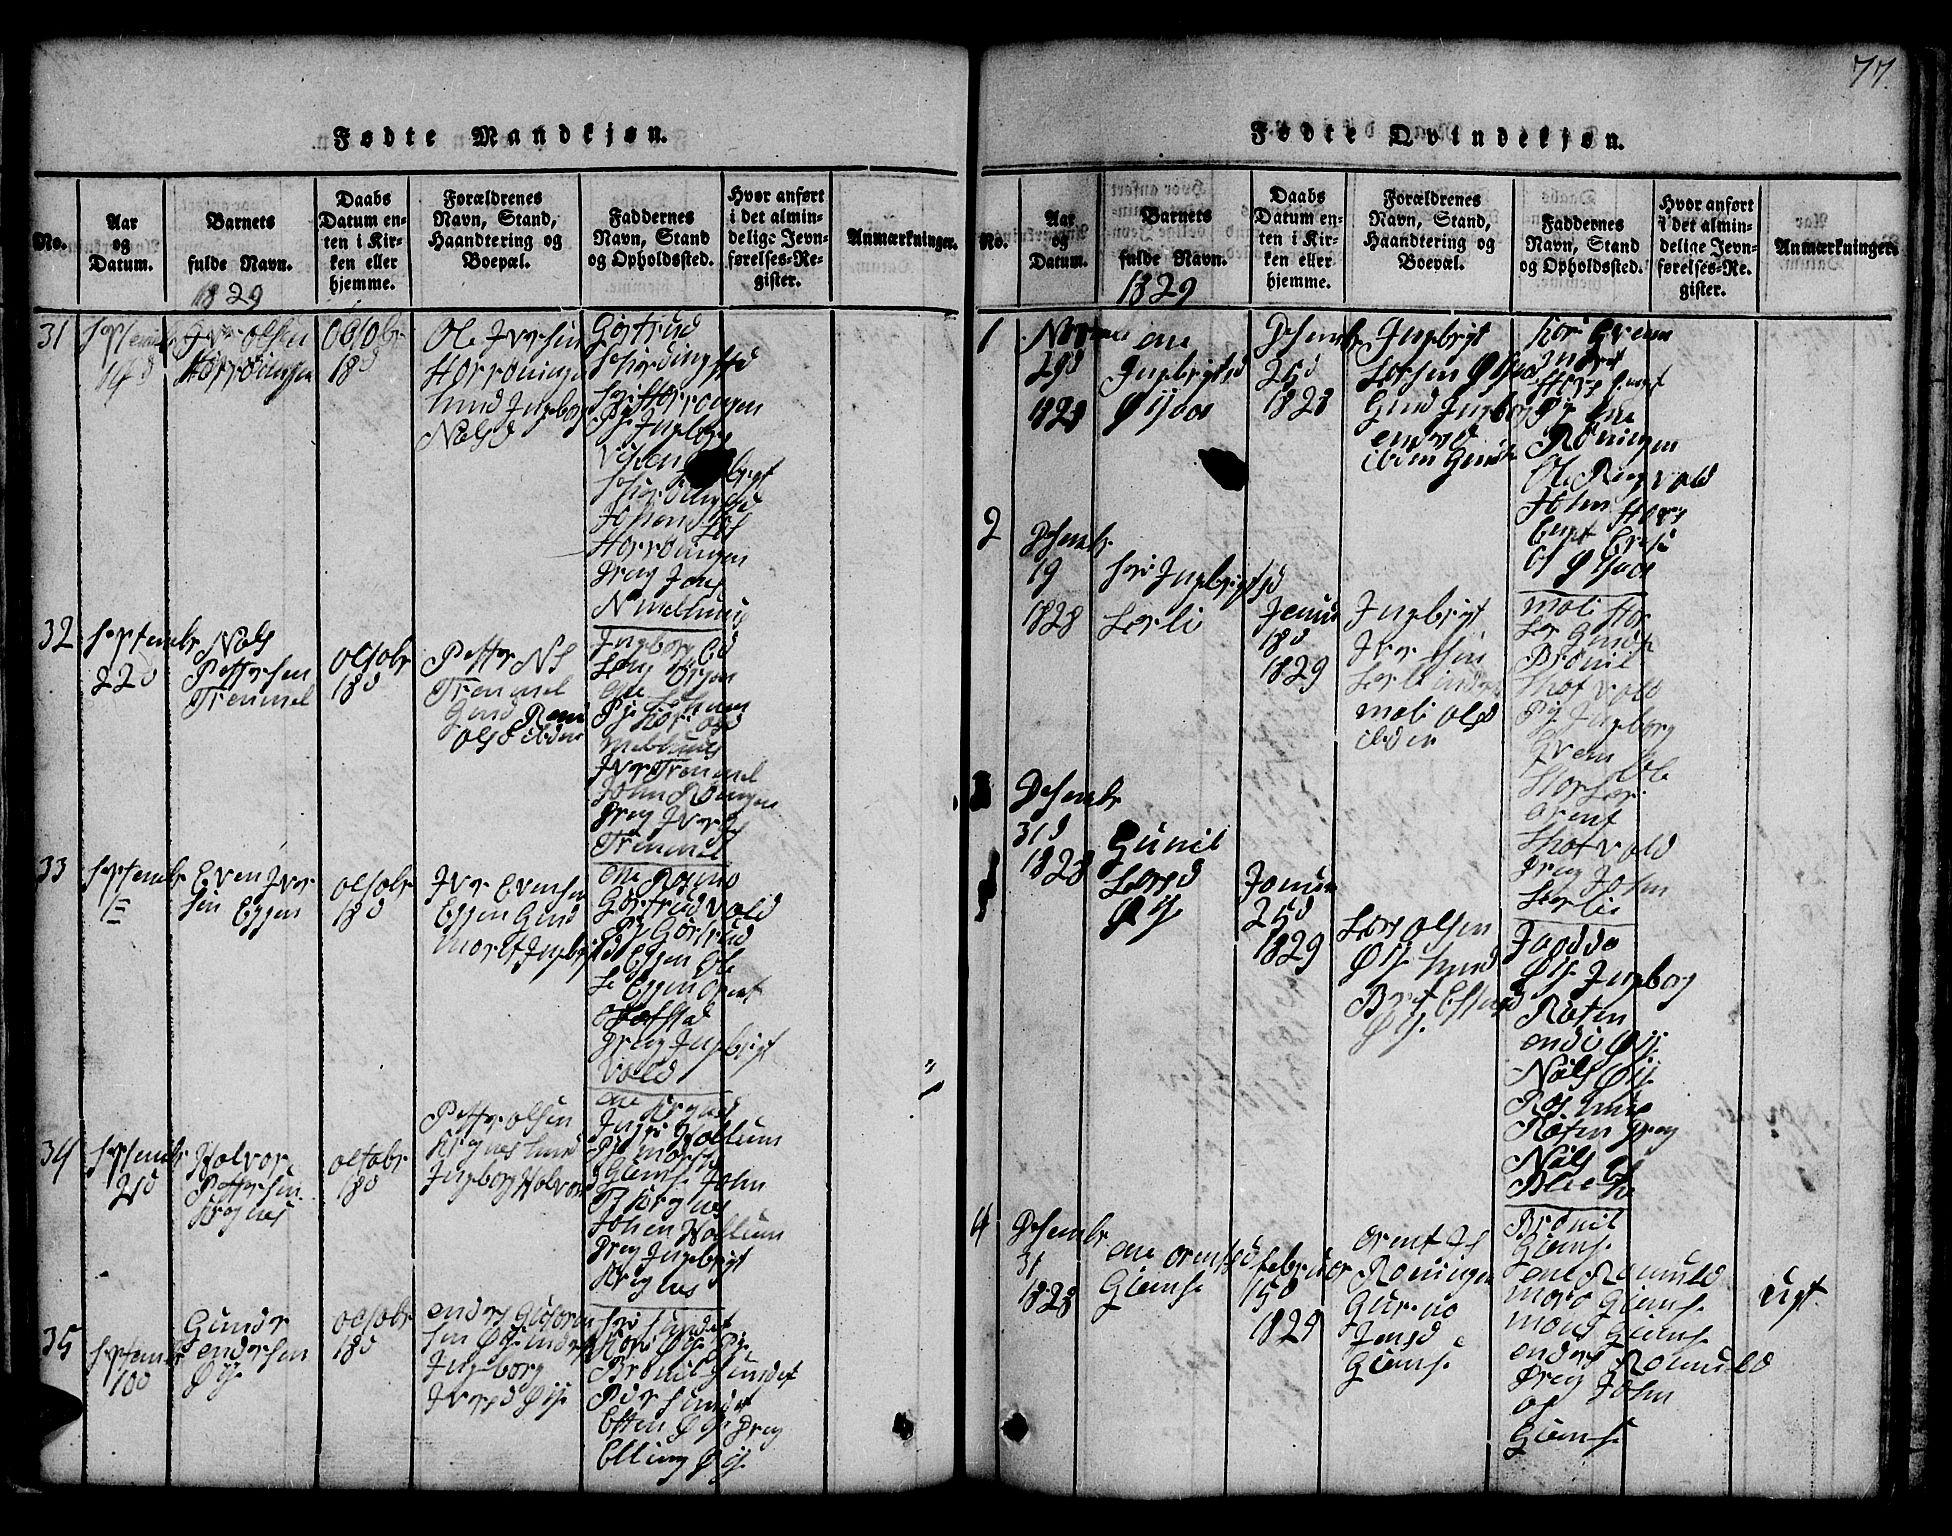 SAT, Ministerialprotokoller, klokkerbøker og fødselsregistre - Sør-Trøndelag, 691/L1092: Klokkerbok nr. 691C03, 1816-1852, s. 77